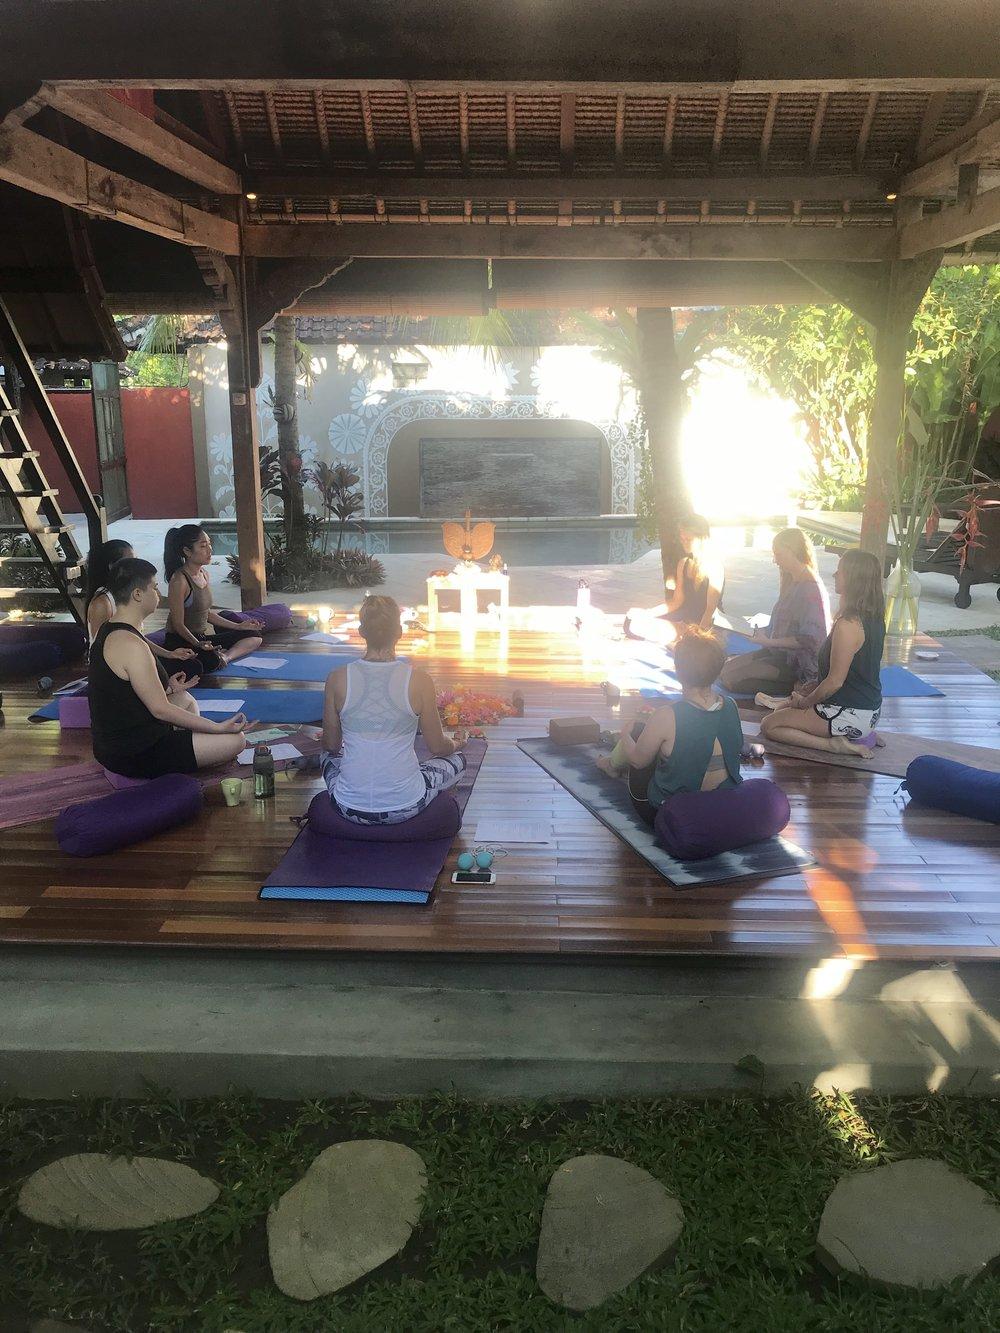 Yoga and more yoga.